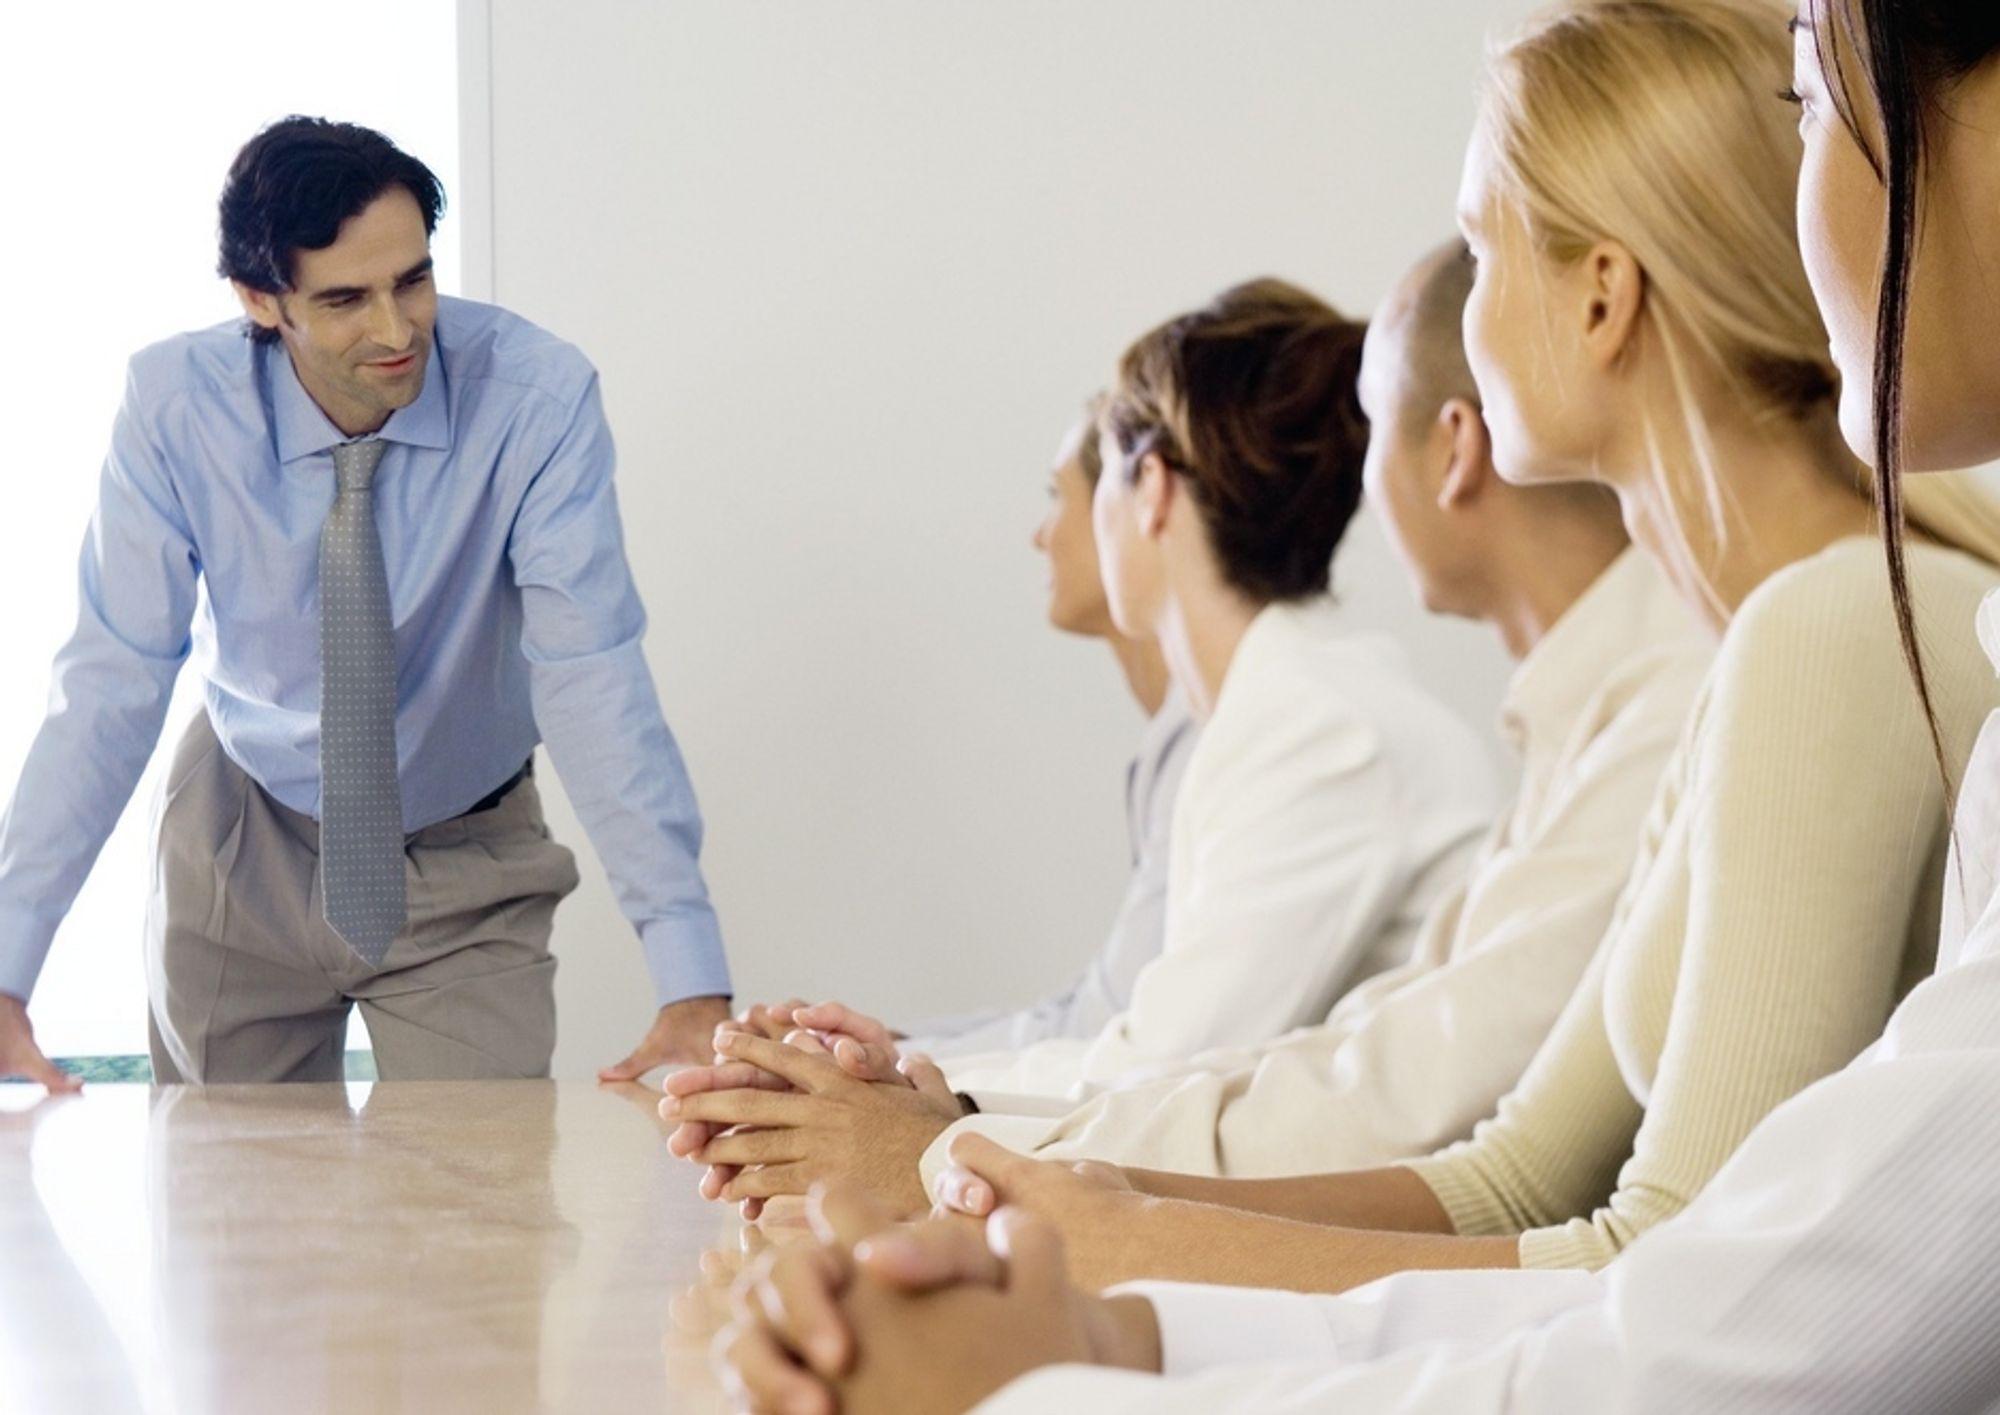 TRETTHETSPRODUKSJON: De ser våkne ut mens sjefen snakker, men i følge psykiater Finn Skårderud kan krav, tempo og utrygghet på arbeidsplassen føre til tretthetsproduksjon.